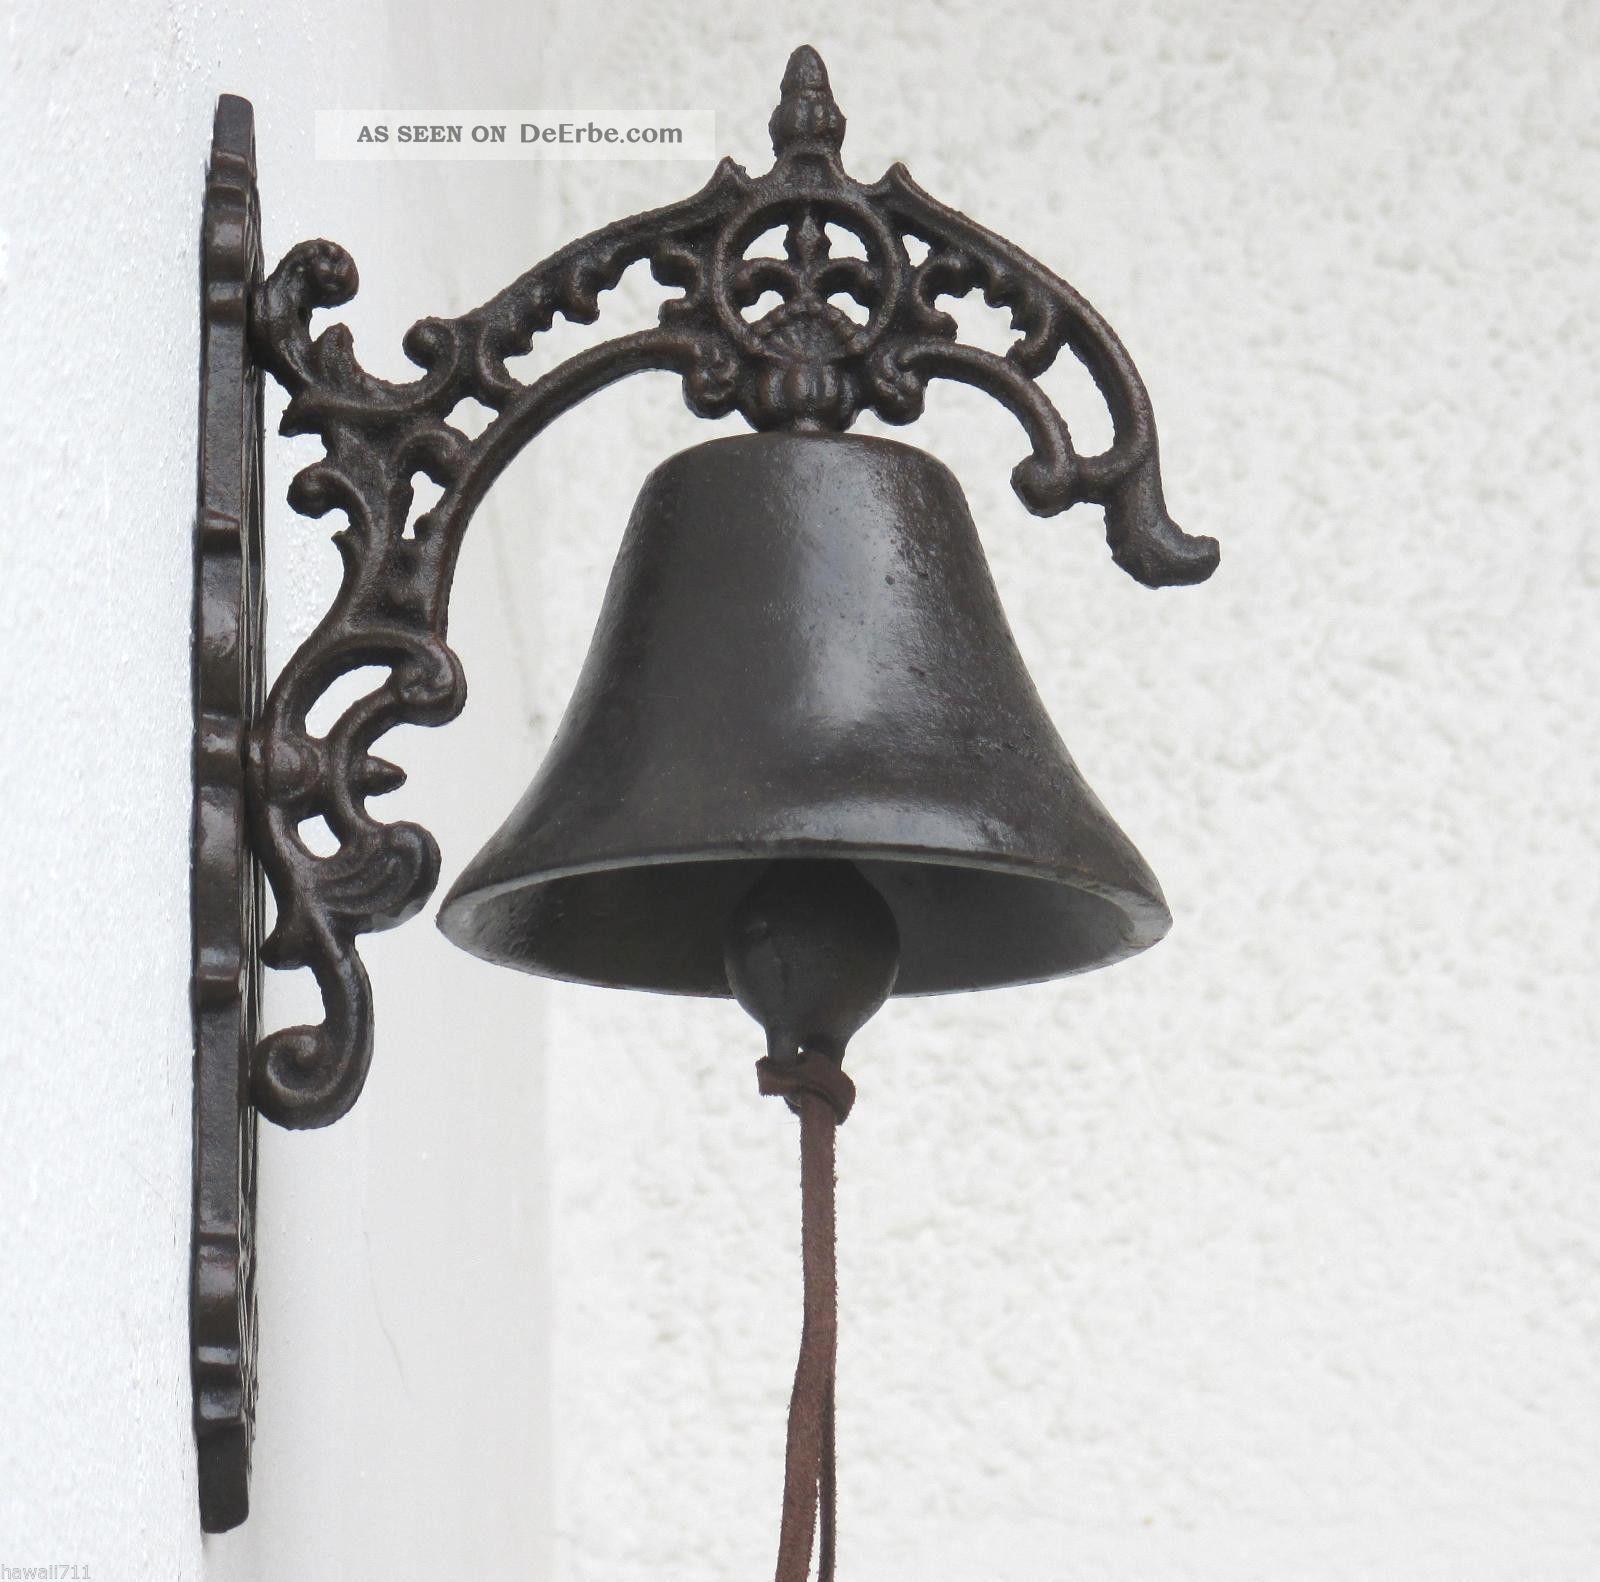 Glocke Klingel Türglocke Anitk Wand - Glocke Gusseisen Garten - Haus Geläut 40cm Gefertigt nach 1945 Bild